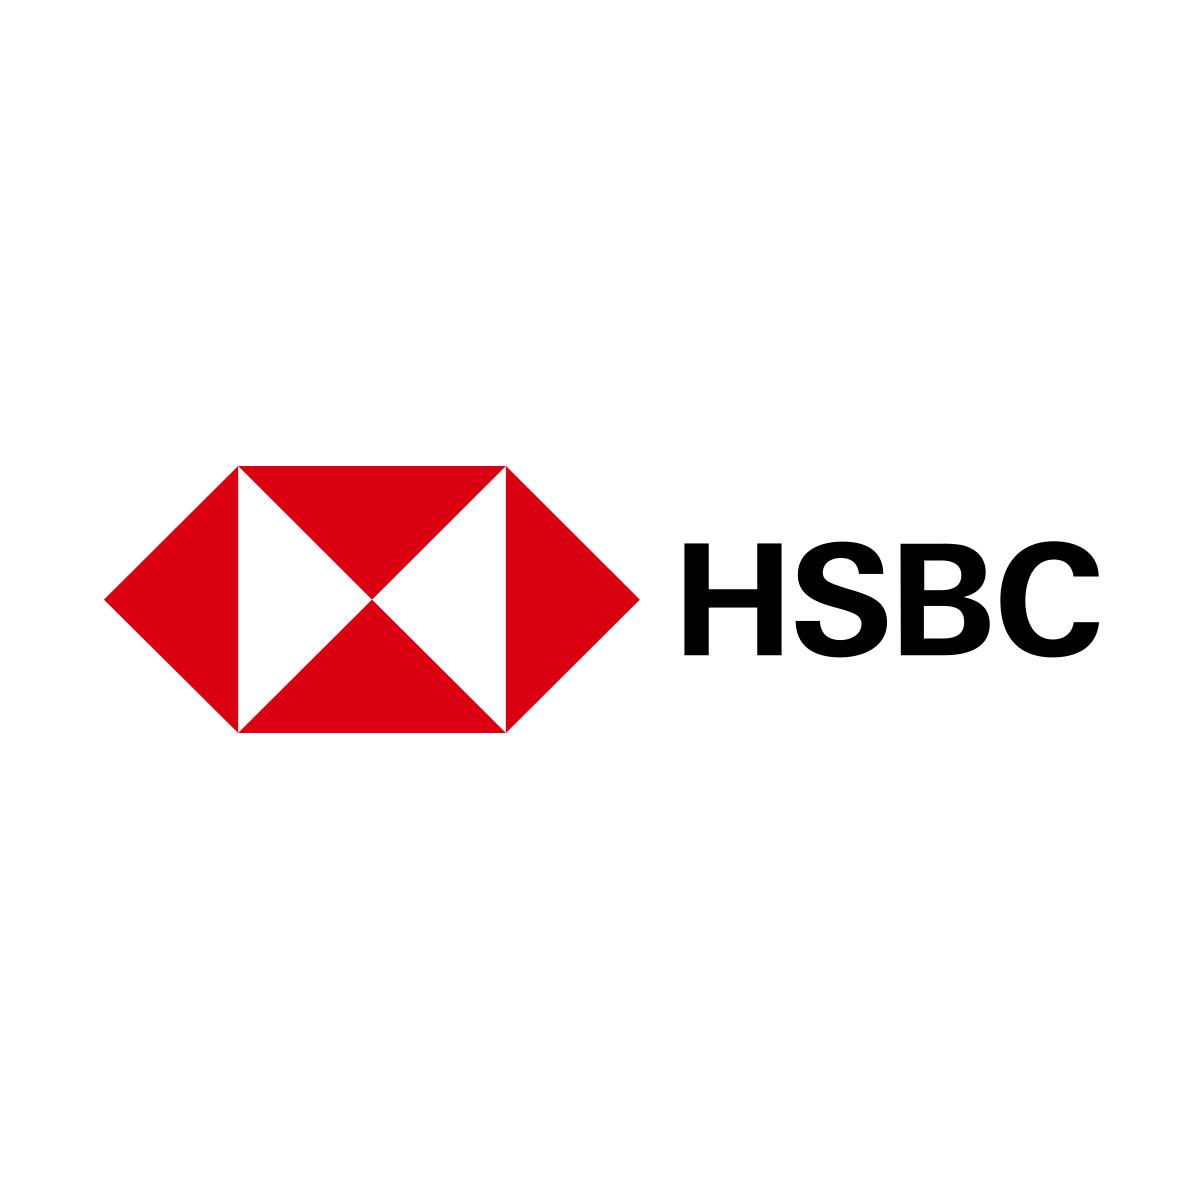 Préstamos personales HSBC: requisitos, beneficios, comisiones